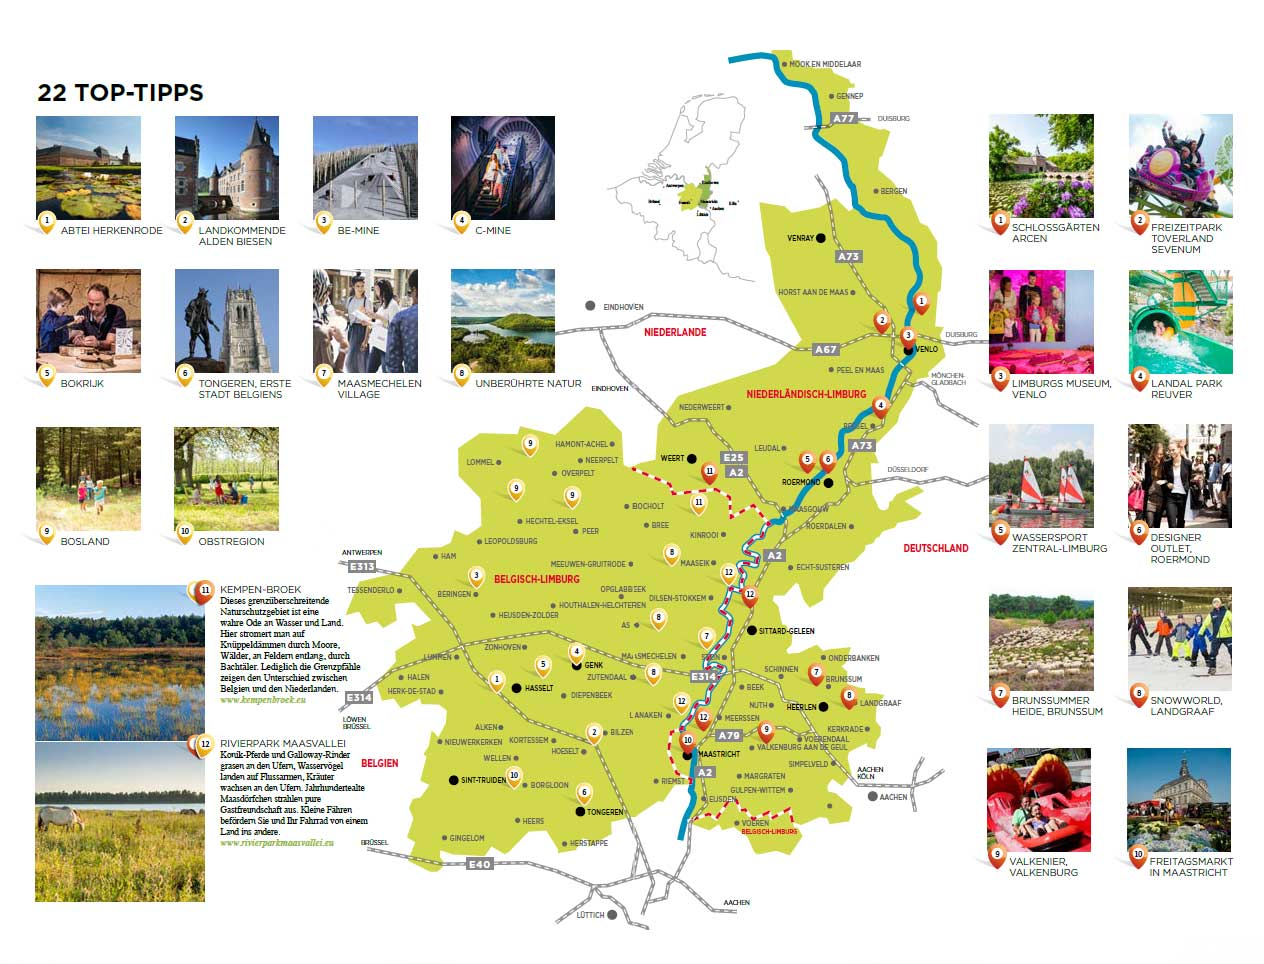 Beide Limburgen richten pijlen opnieuw samen op Duitsland